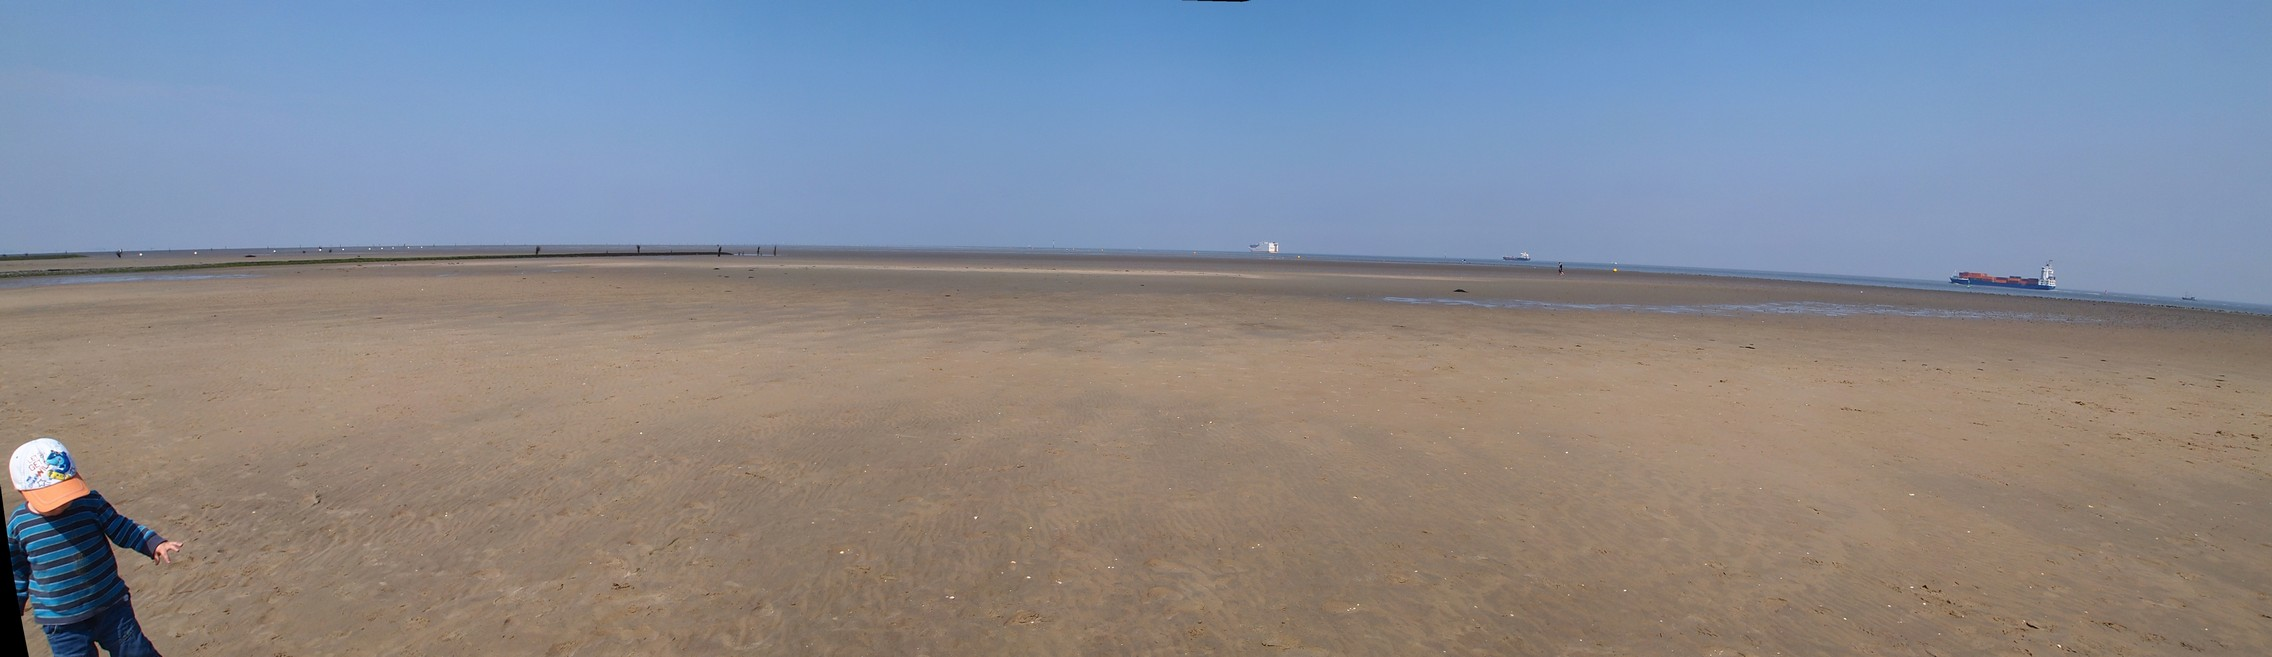 P1018594 Panorama.jpg